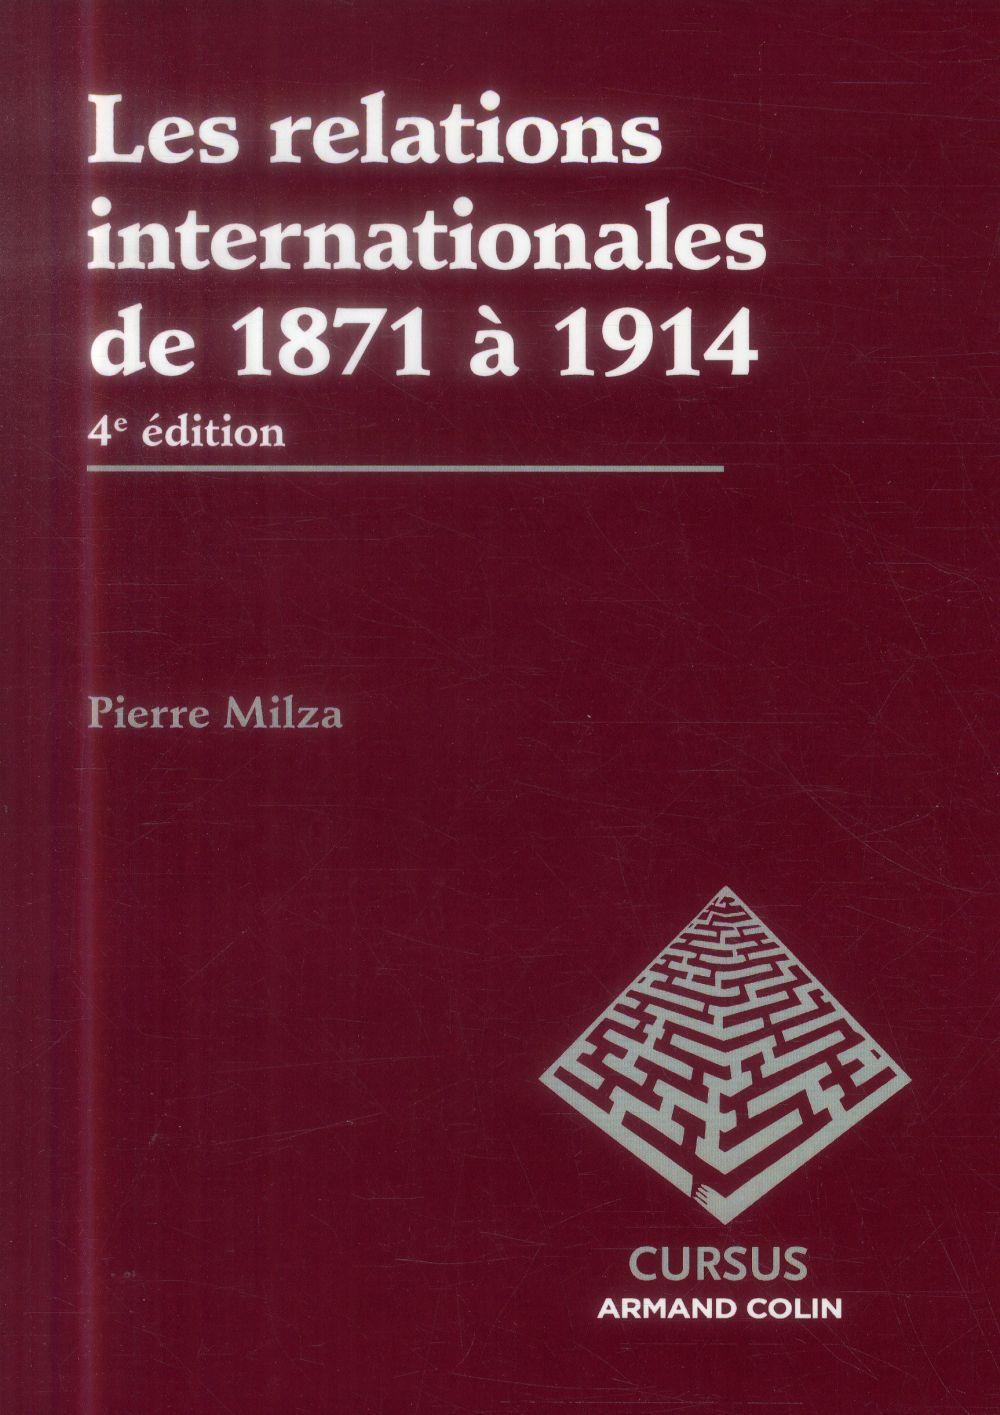 Les relations internationales de 1871 à 1914